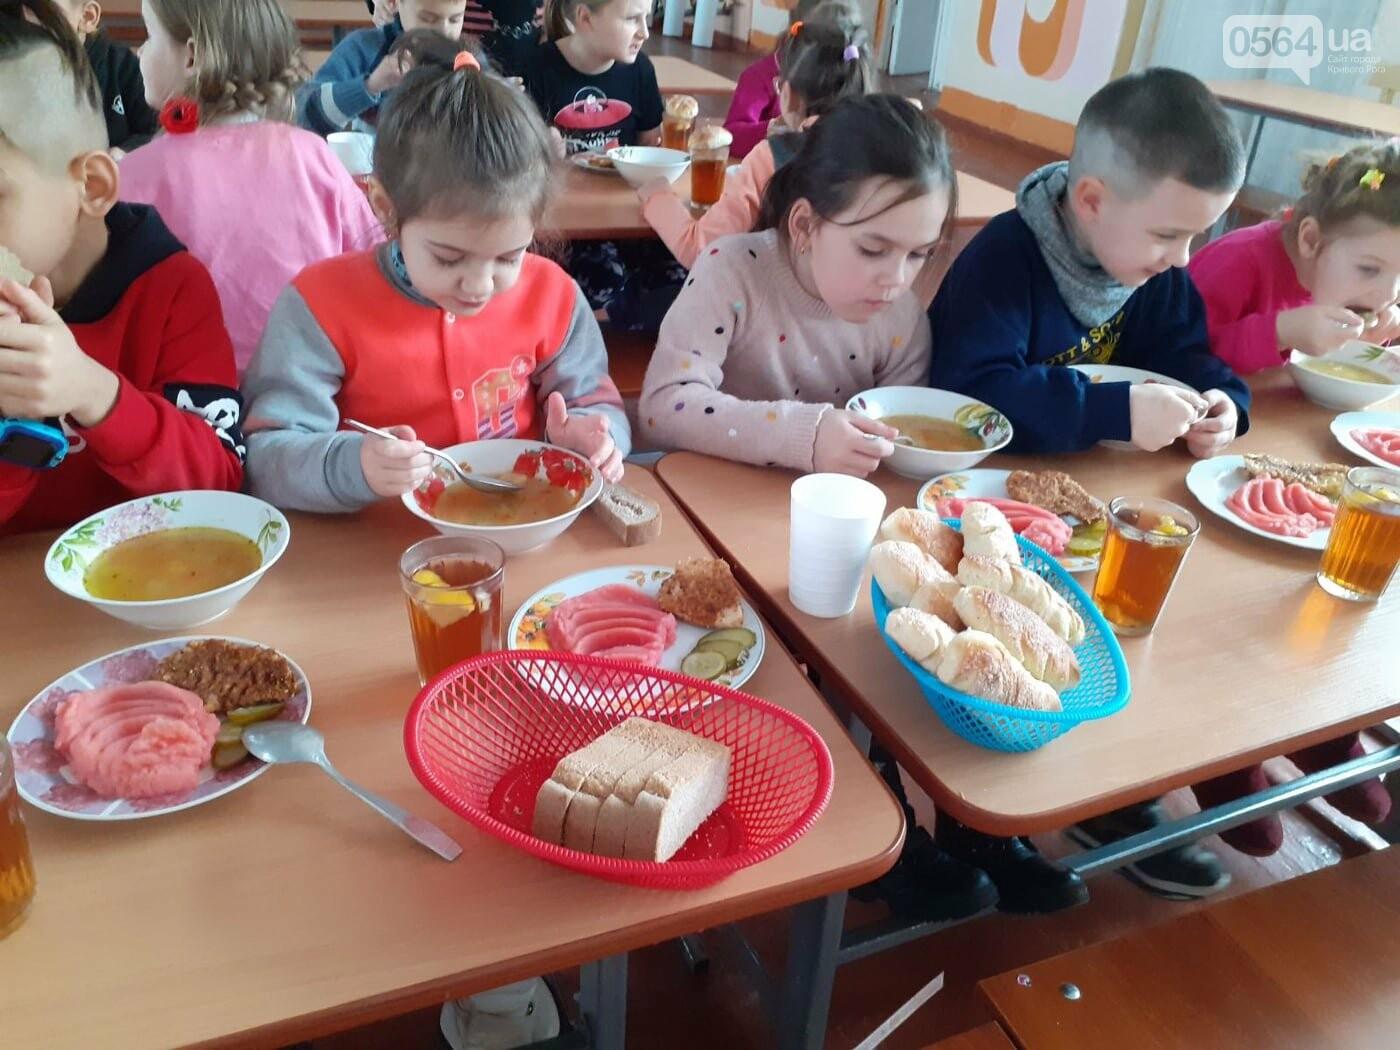 В криворожской школе №78 детей начали кормить блюдами из меню Клопотенко, - ФОТО , фото-1